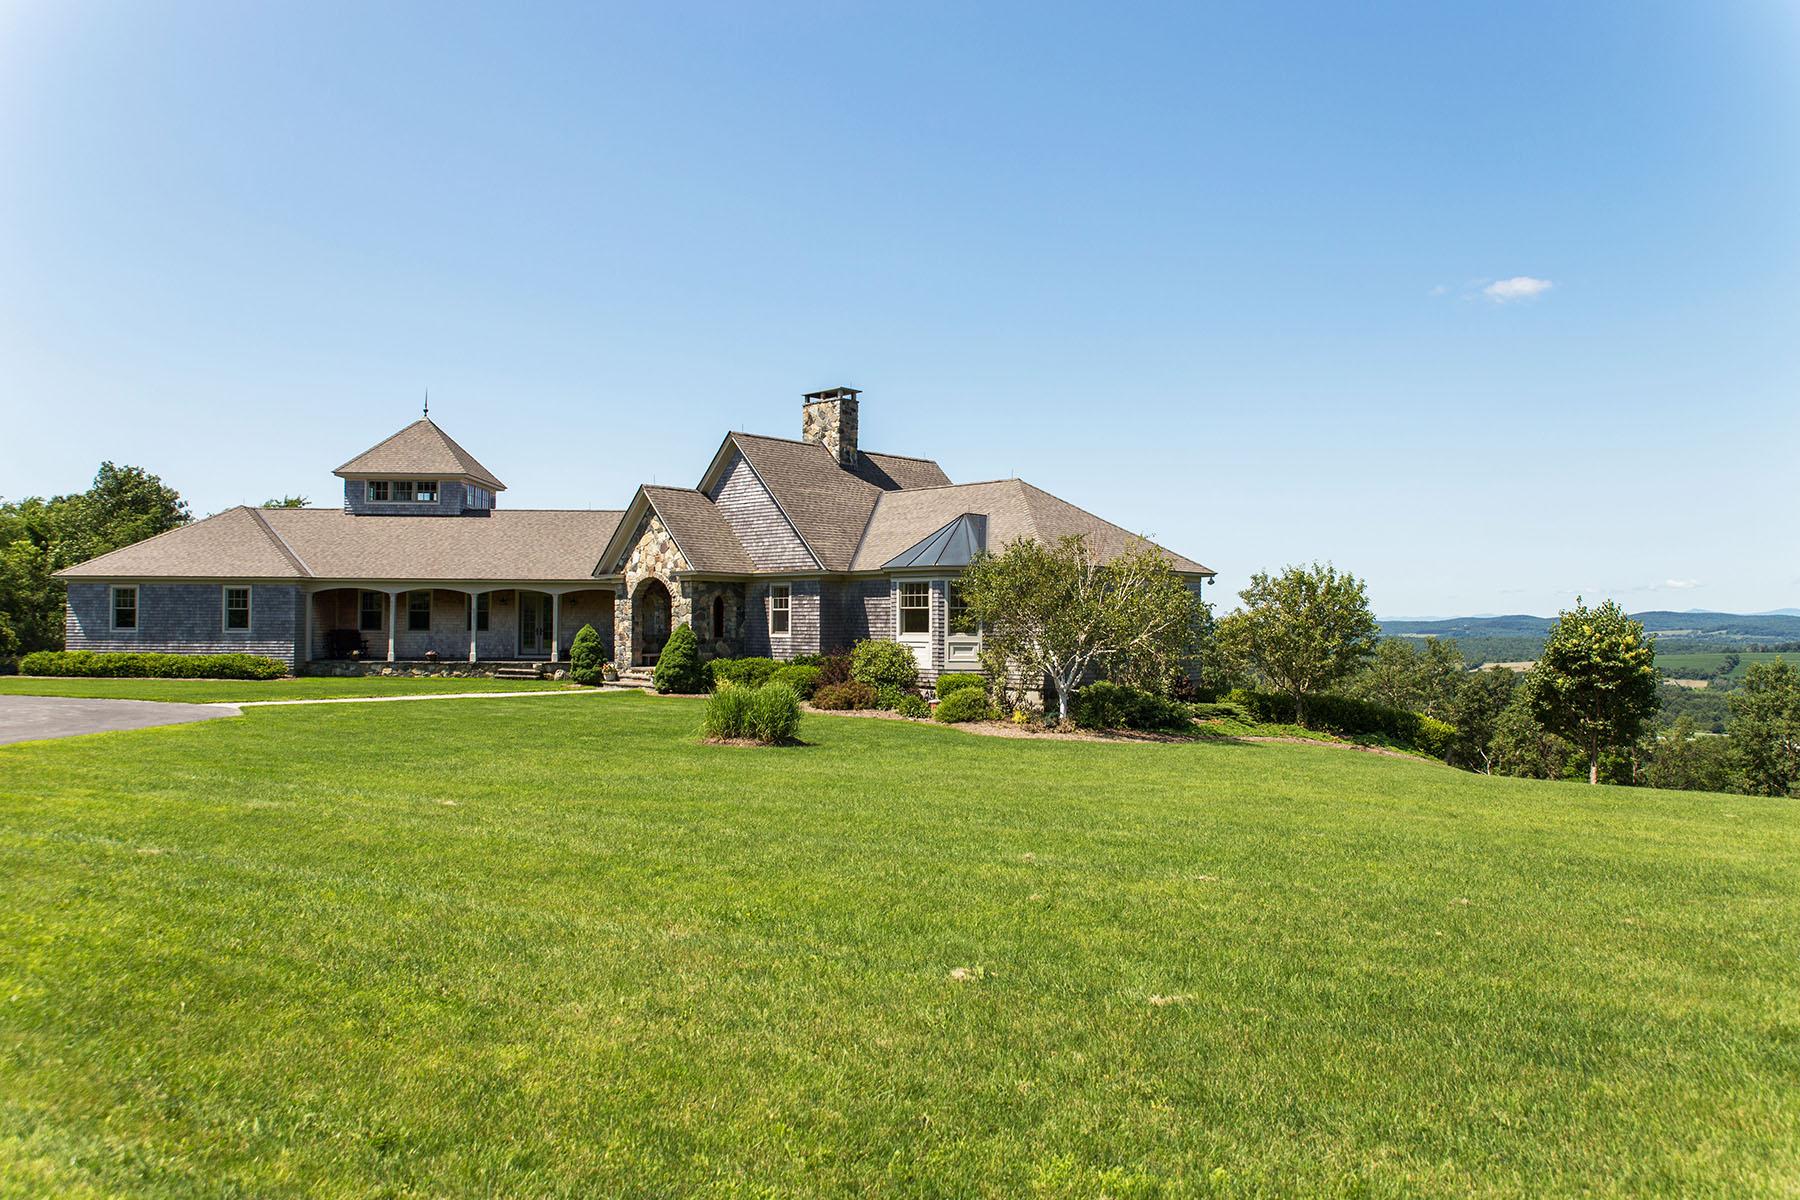 Casa Unifamiliar por un Venta en Magnificent Contemporary Home Surrounded by Panoramic Views 315 Weed Mine Rd. Copake, Nueva York 12516 Estados Unidos